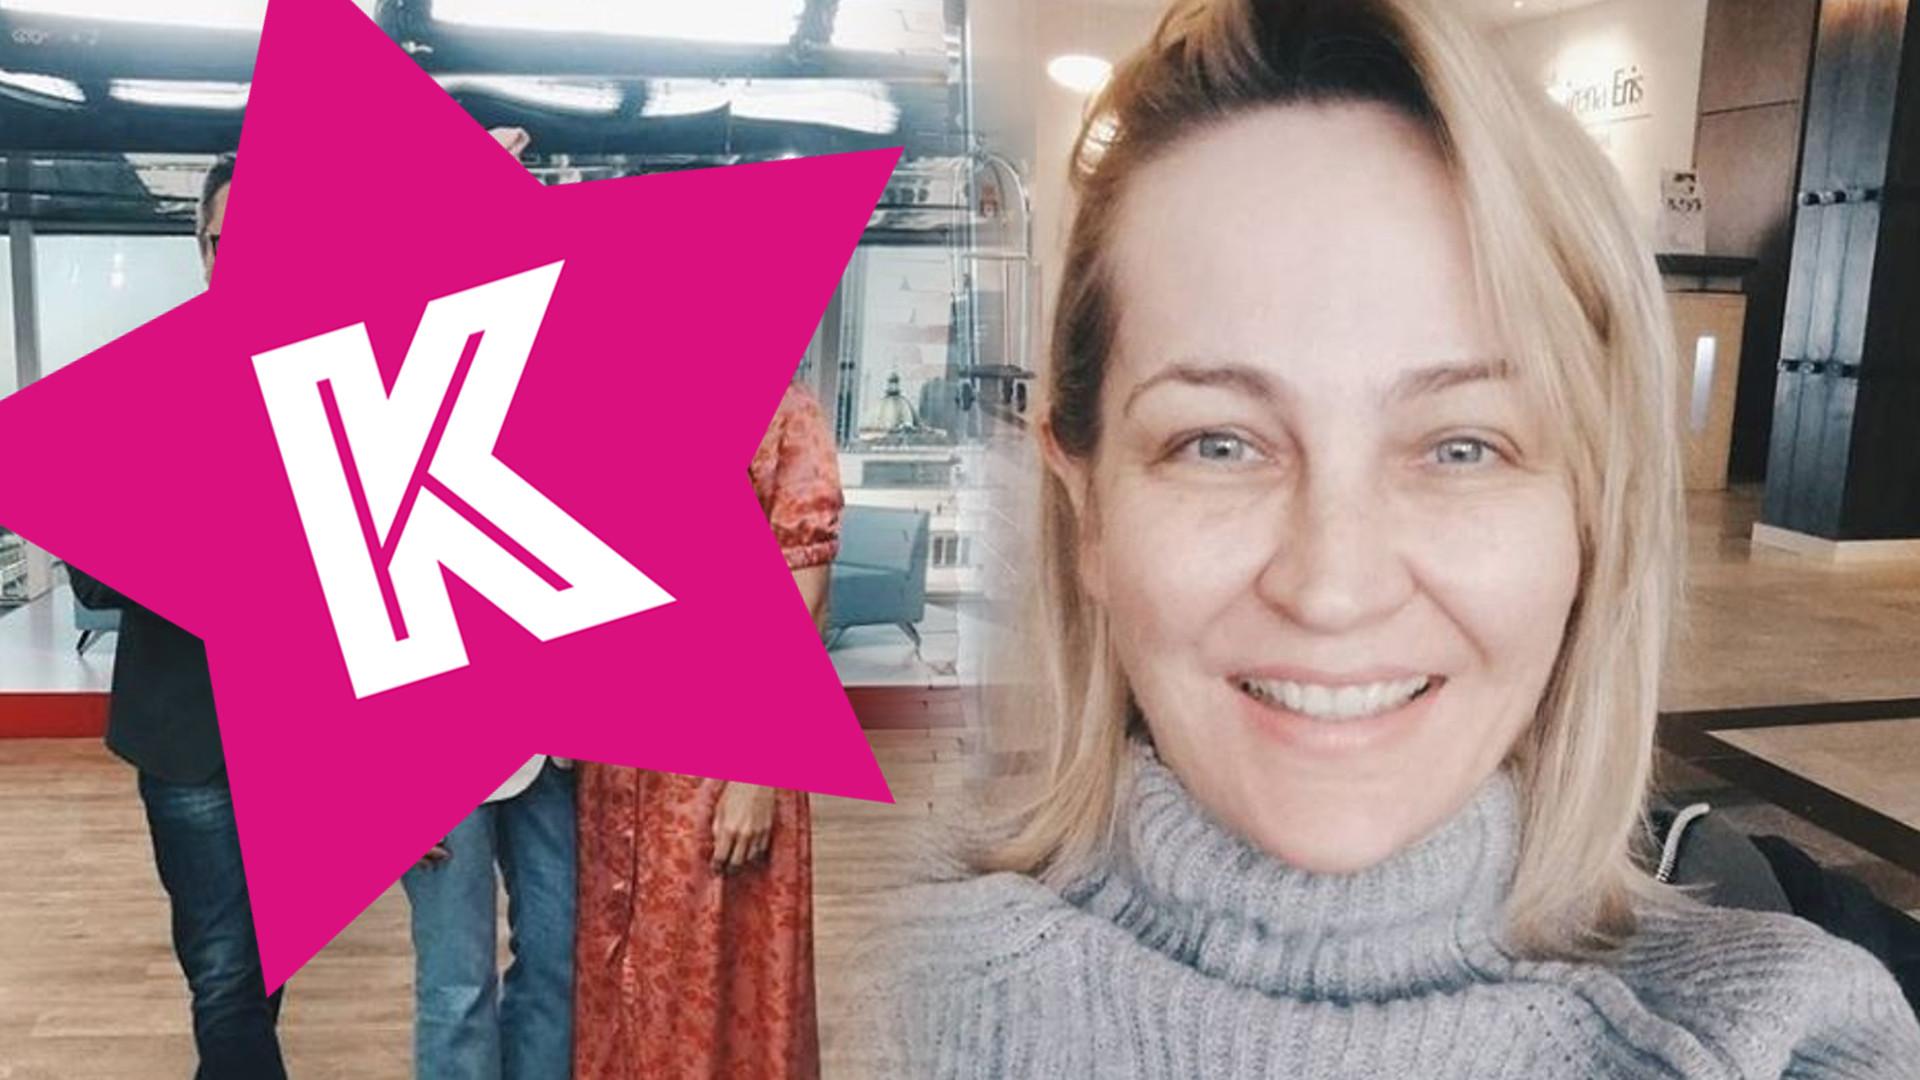 Gwiazda TVN, Anna Puślecka walczy z nowotworem. Wstawiła zdjęcie po chemioterapii